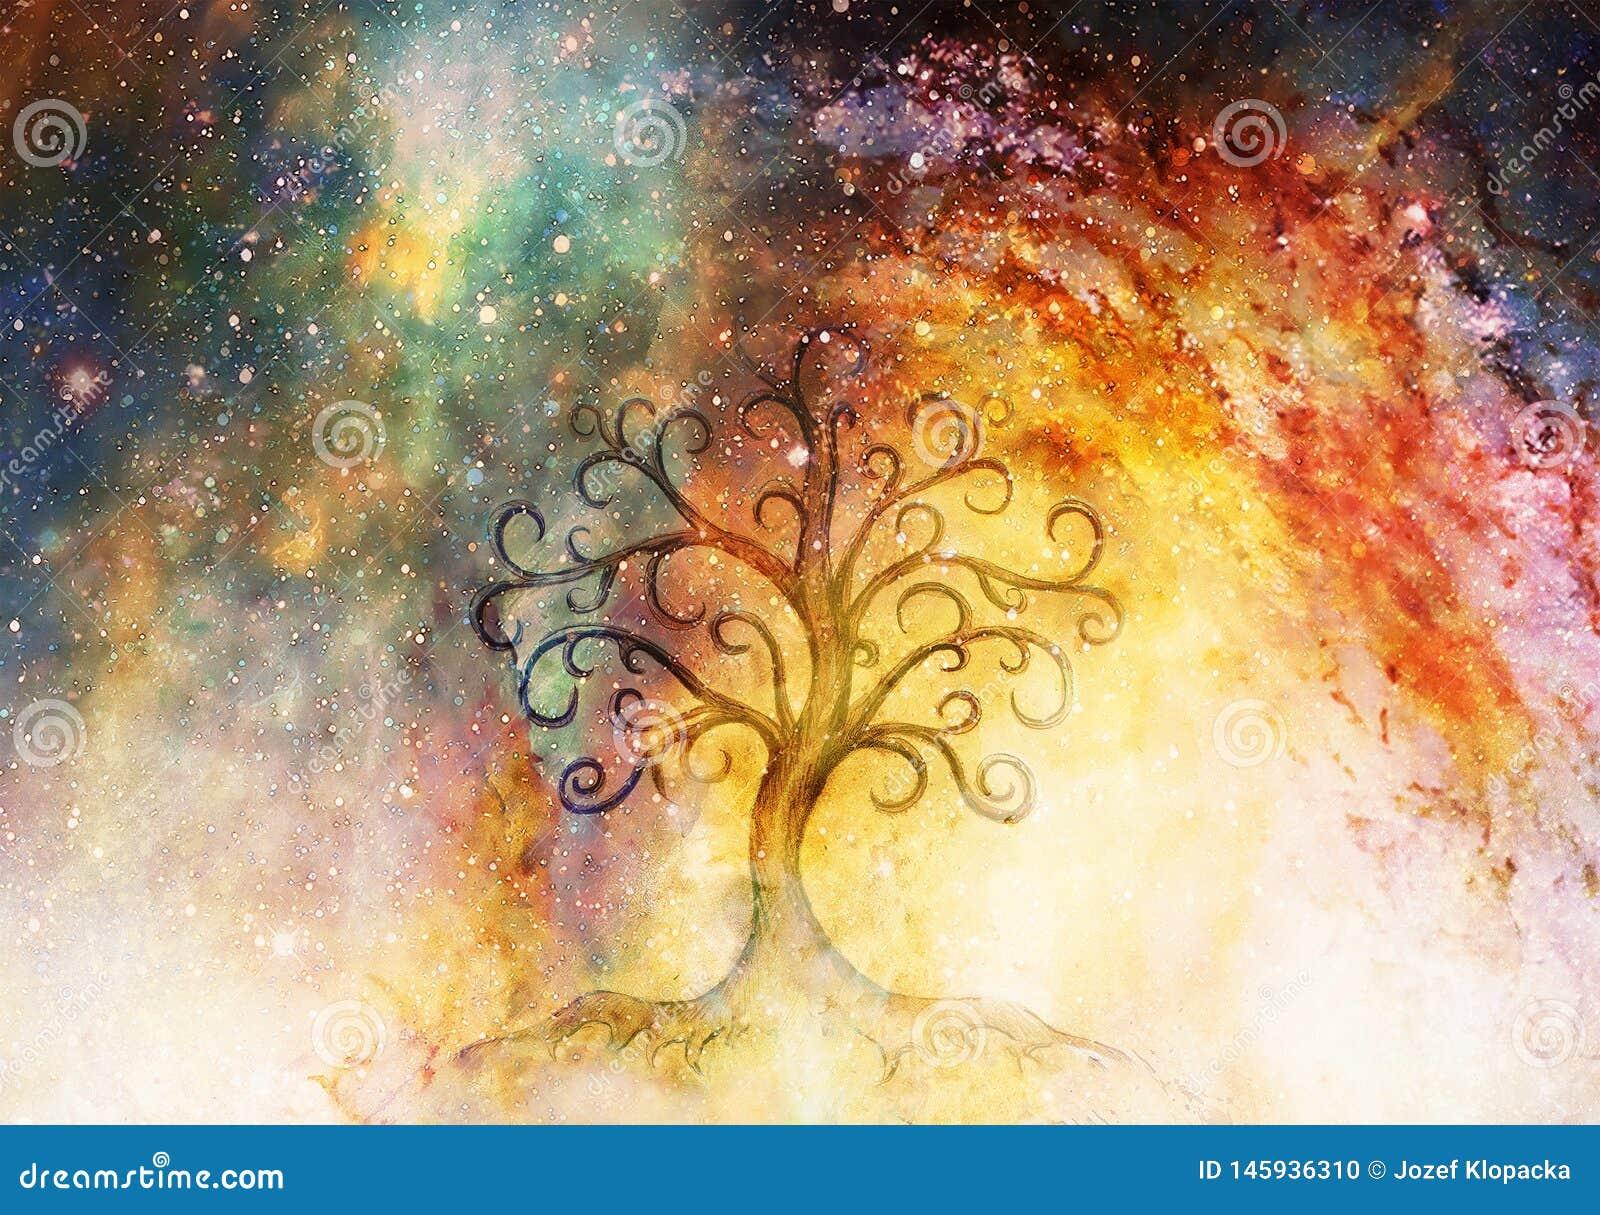 Árvore do símbolo da vida no fundo estruturada e do espaço, flor do teste padrão da vida, yggdrasil